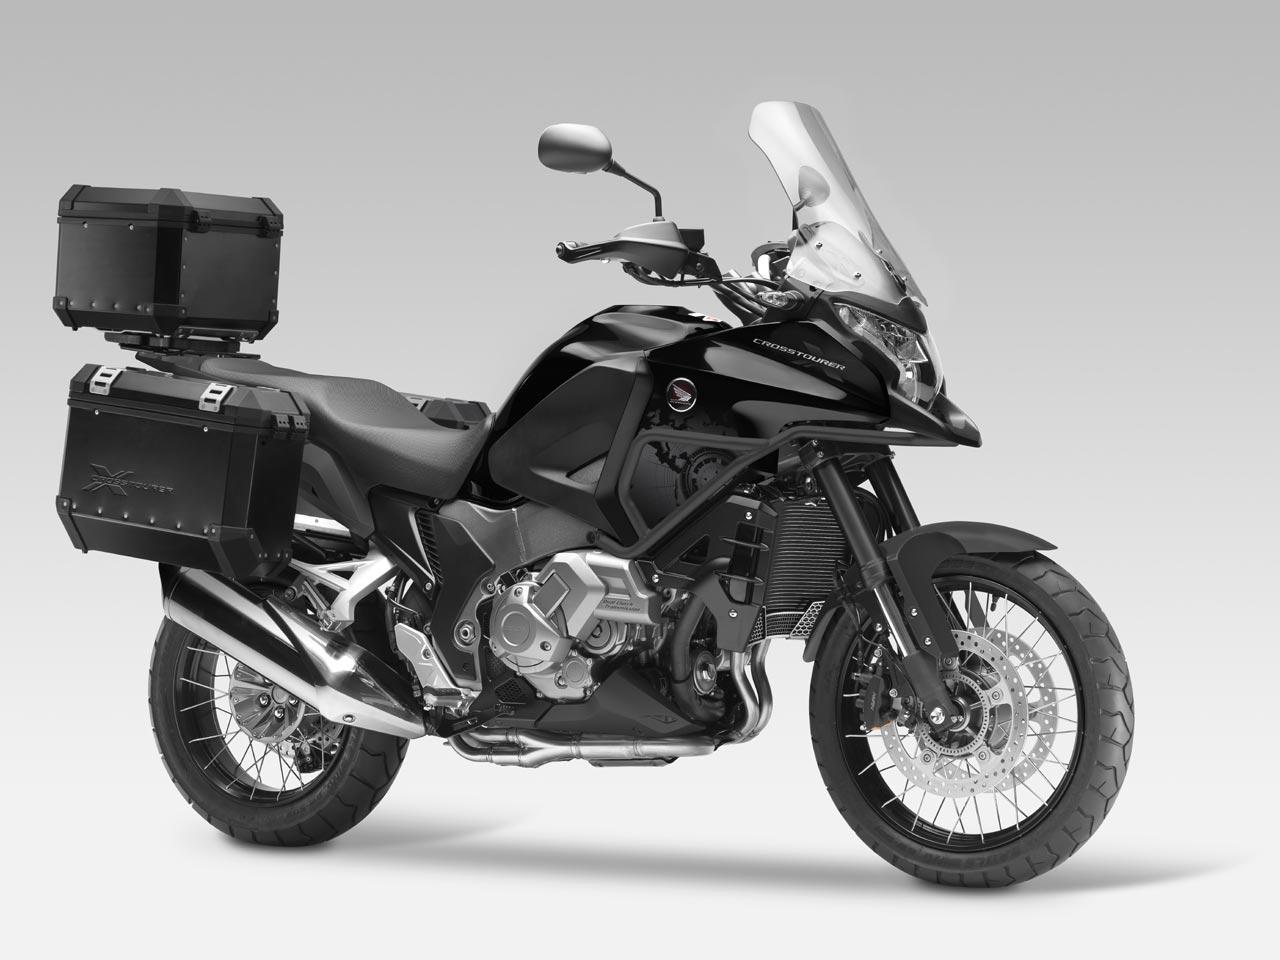 Eicma 2012 - Novità Honda - ReportMotori.it